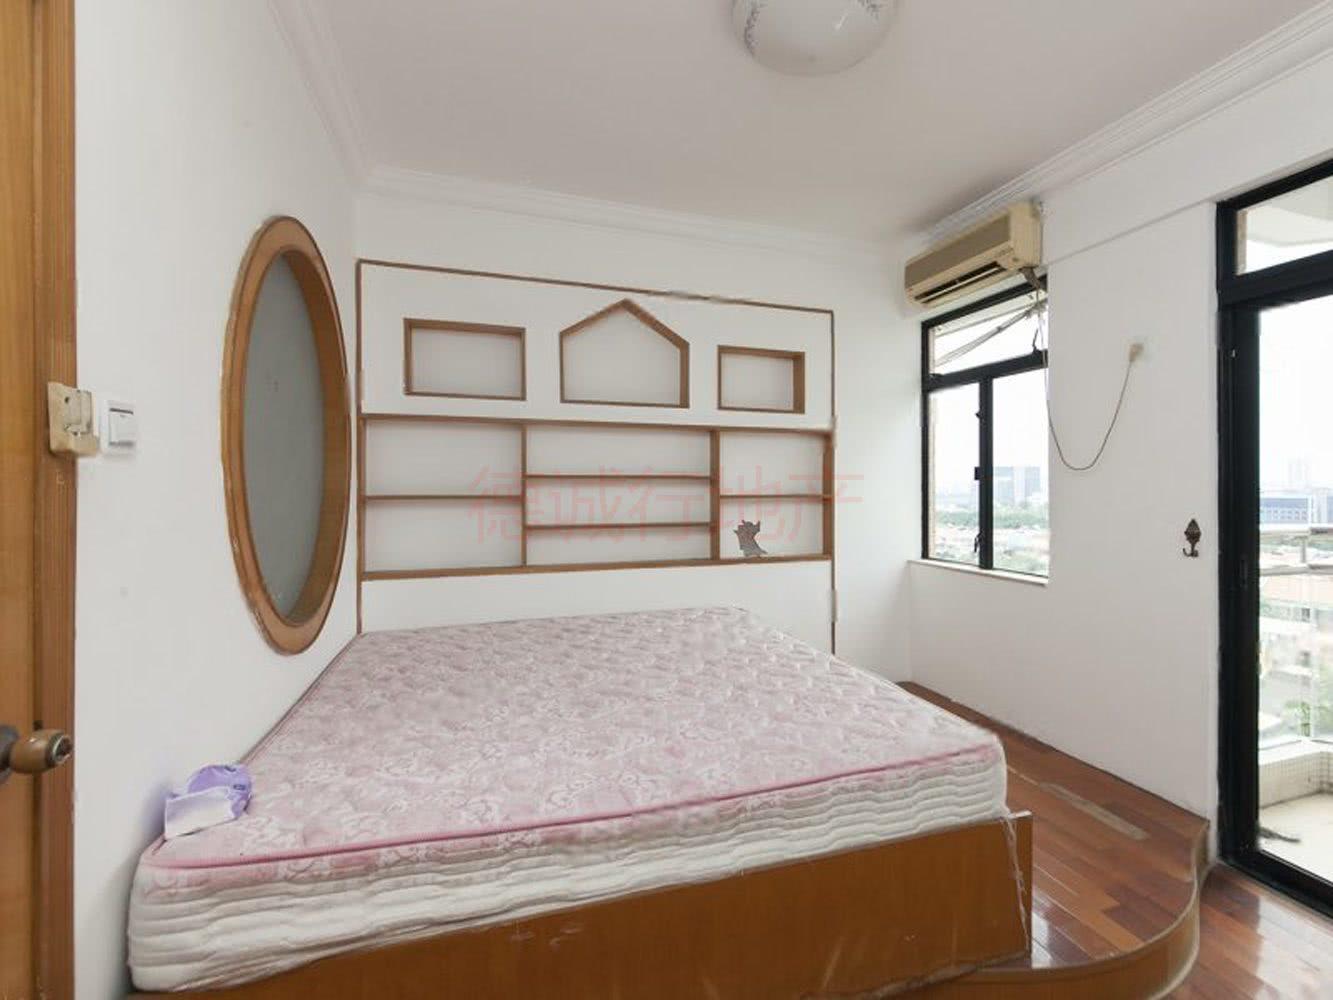 广州雅居乐2室2厅1卫西南朝向仅267万元